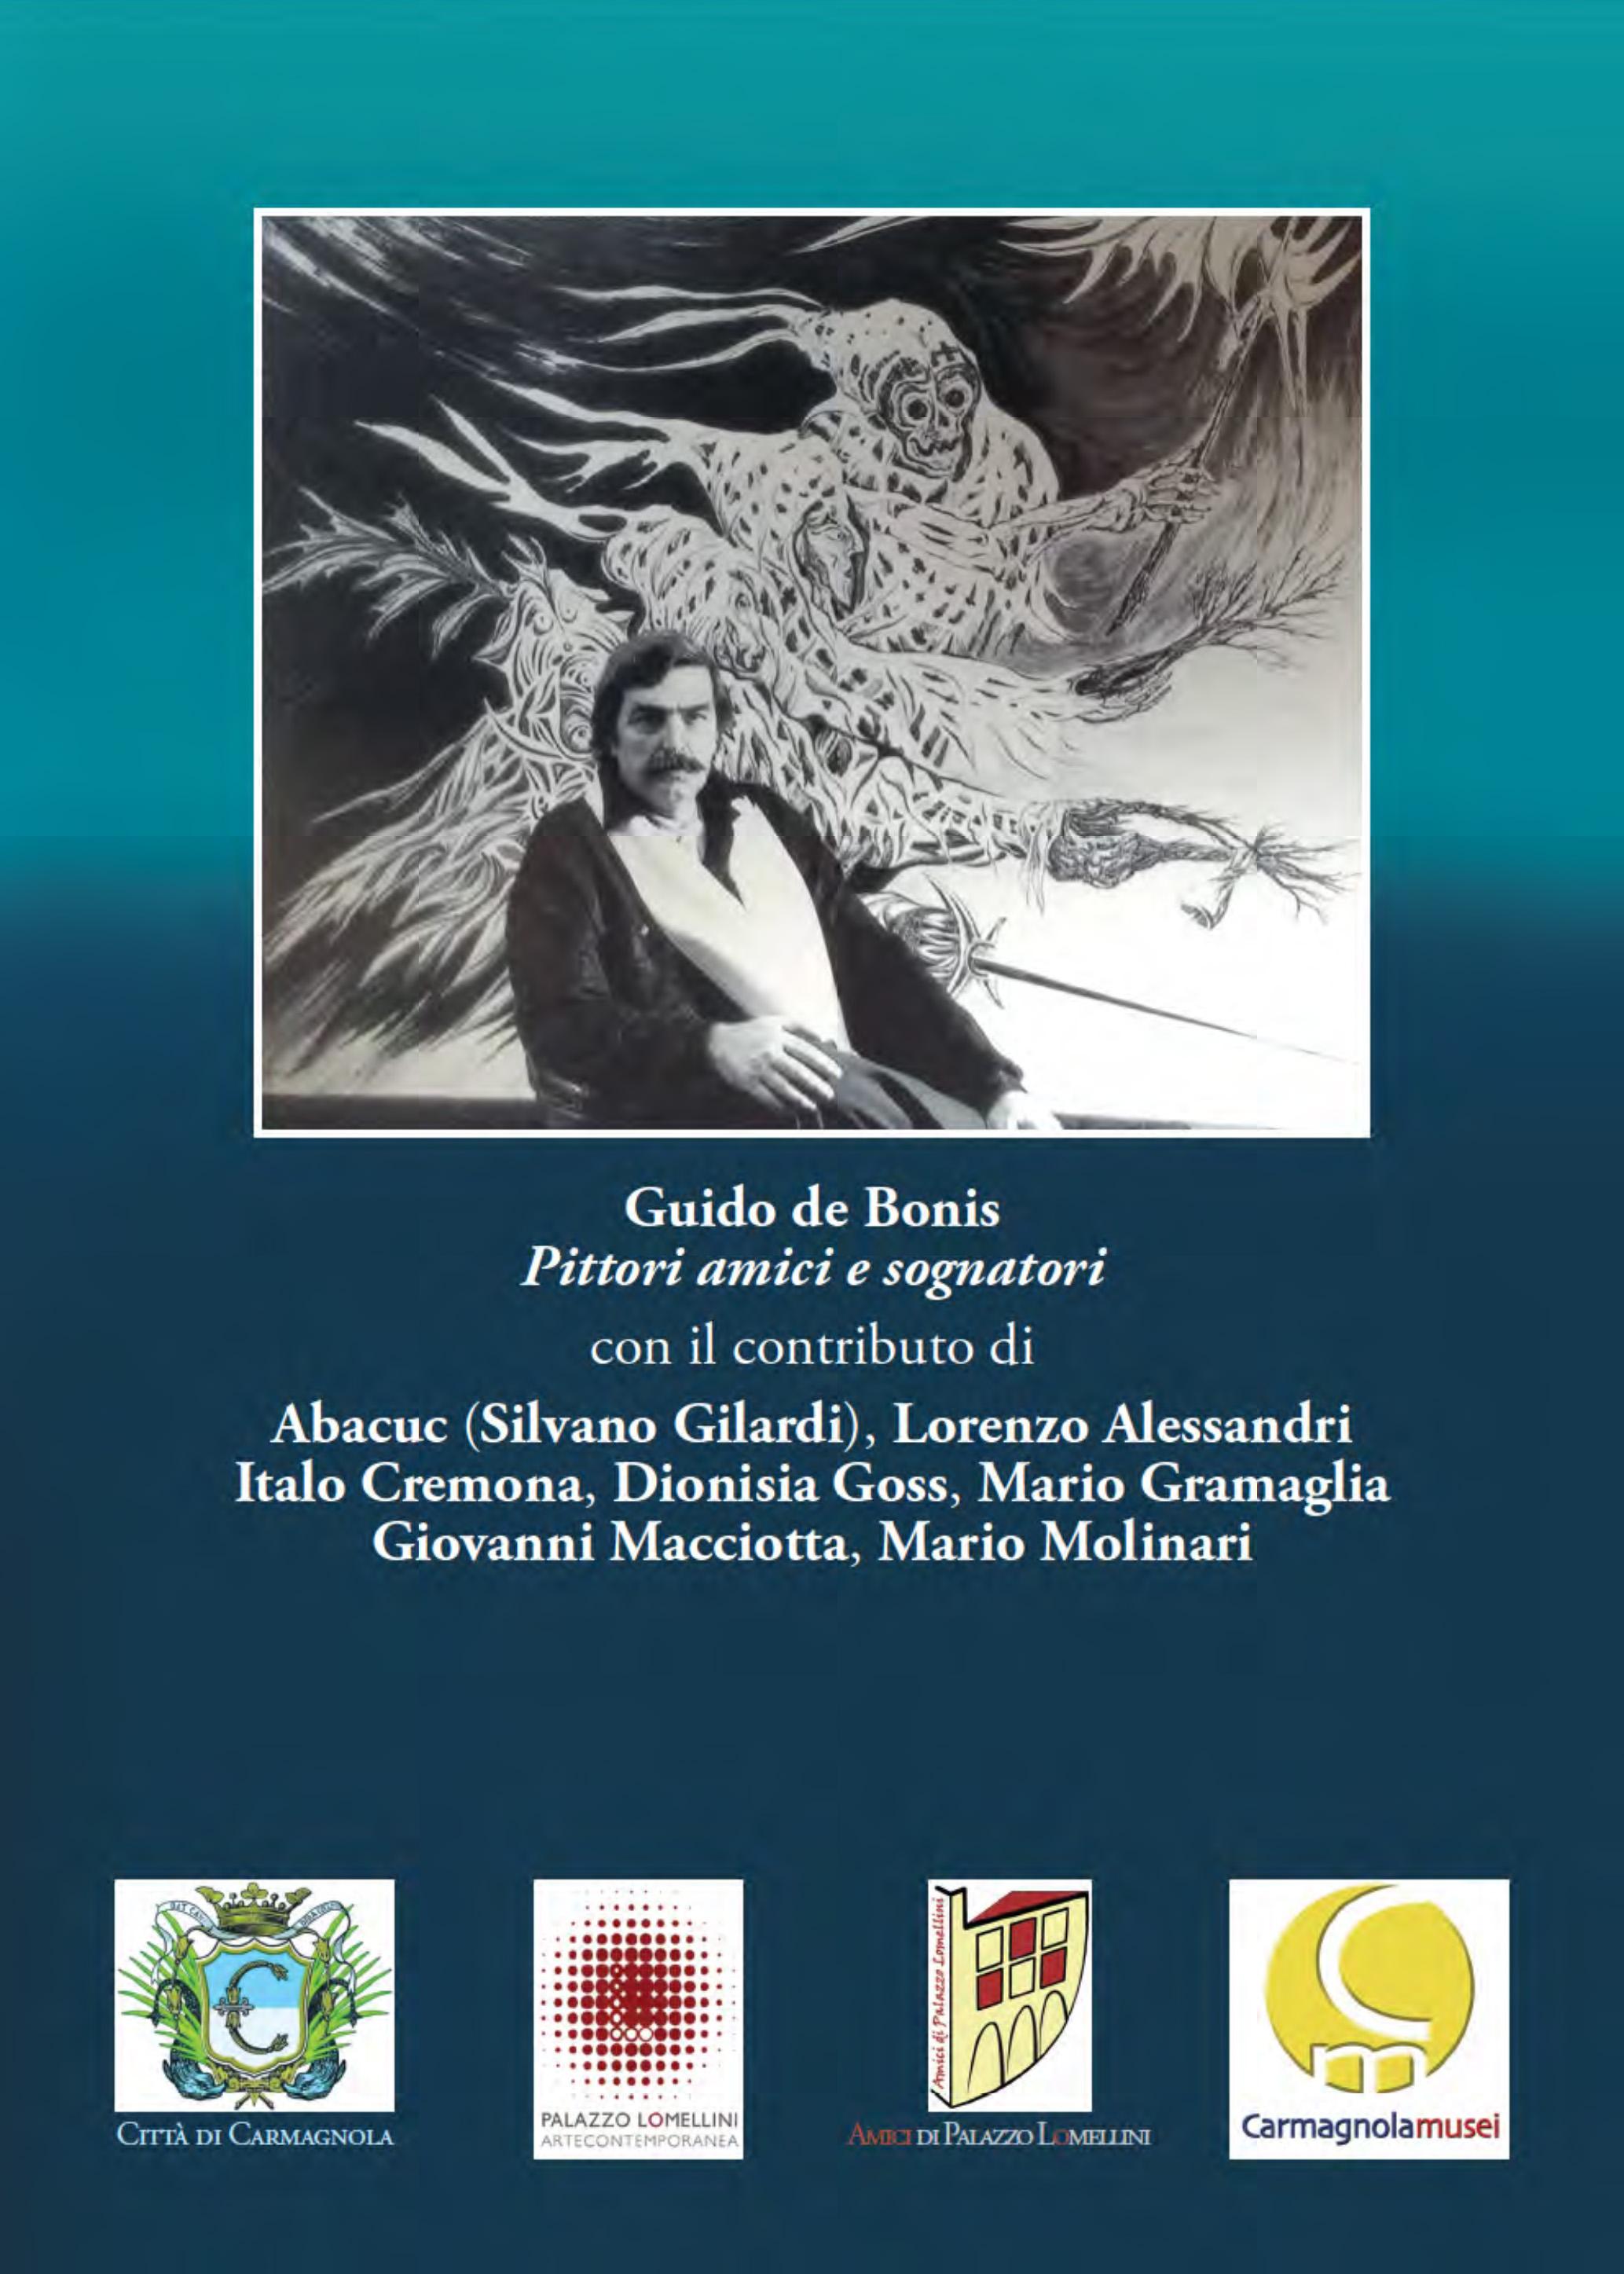 Guido de Bonis, 'Pittori amici e sognatori', Palazzo Lomellini - Carmagnola © Palazzo Lomellini / Elater